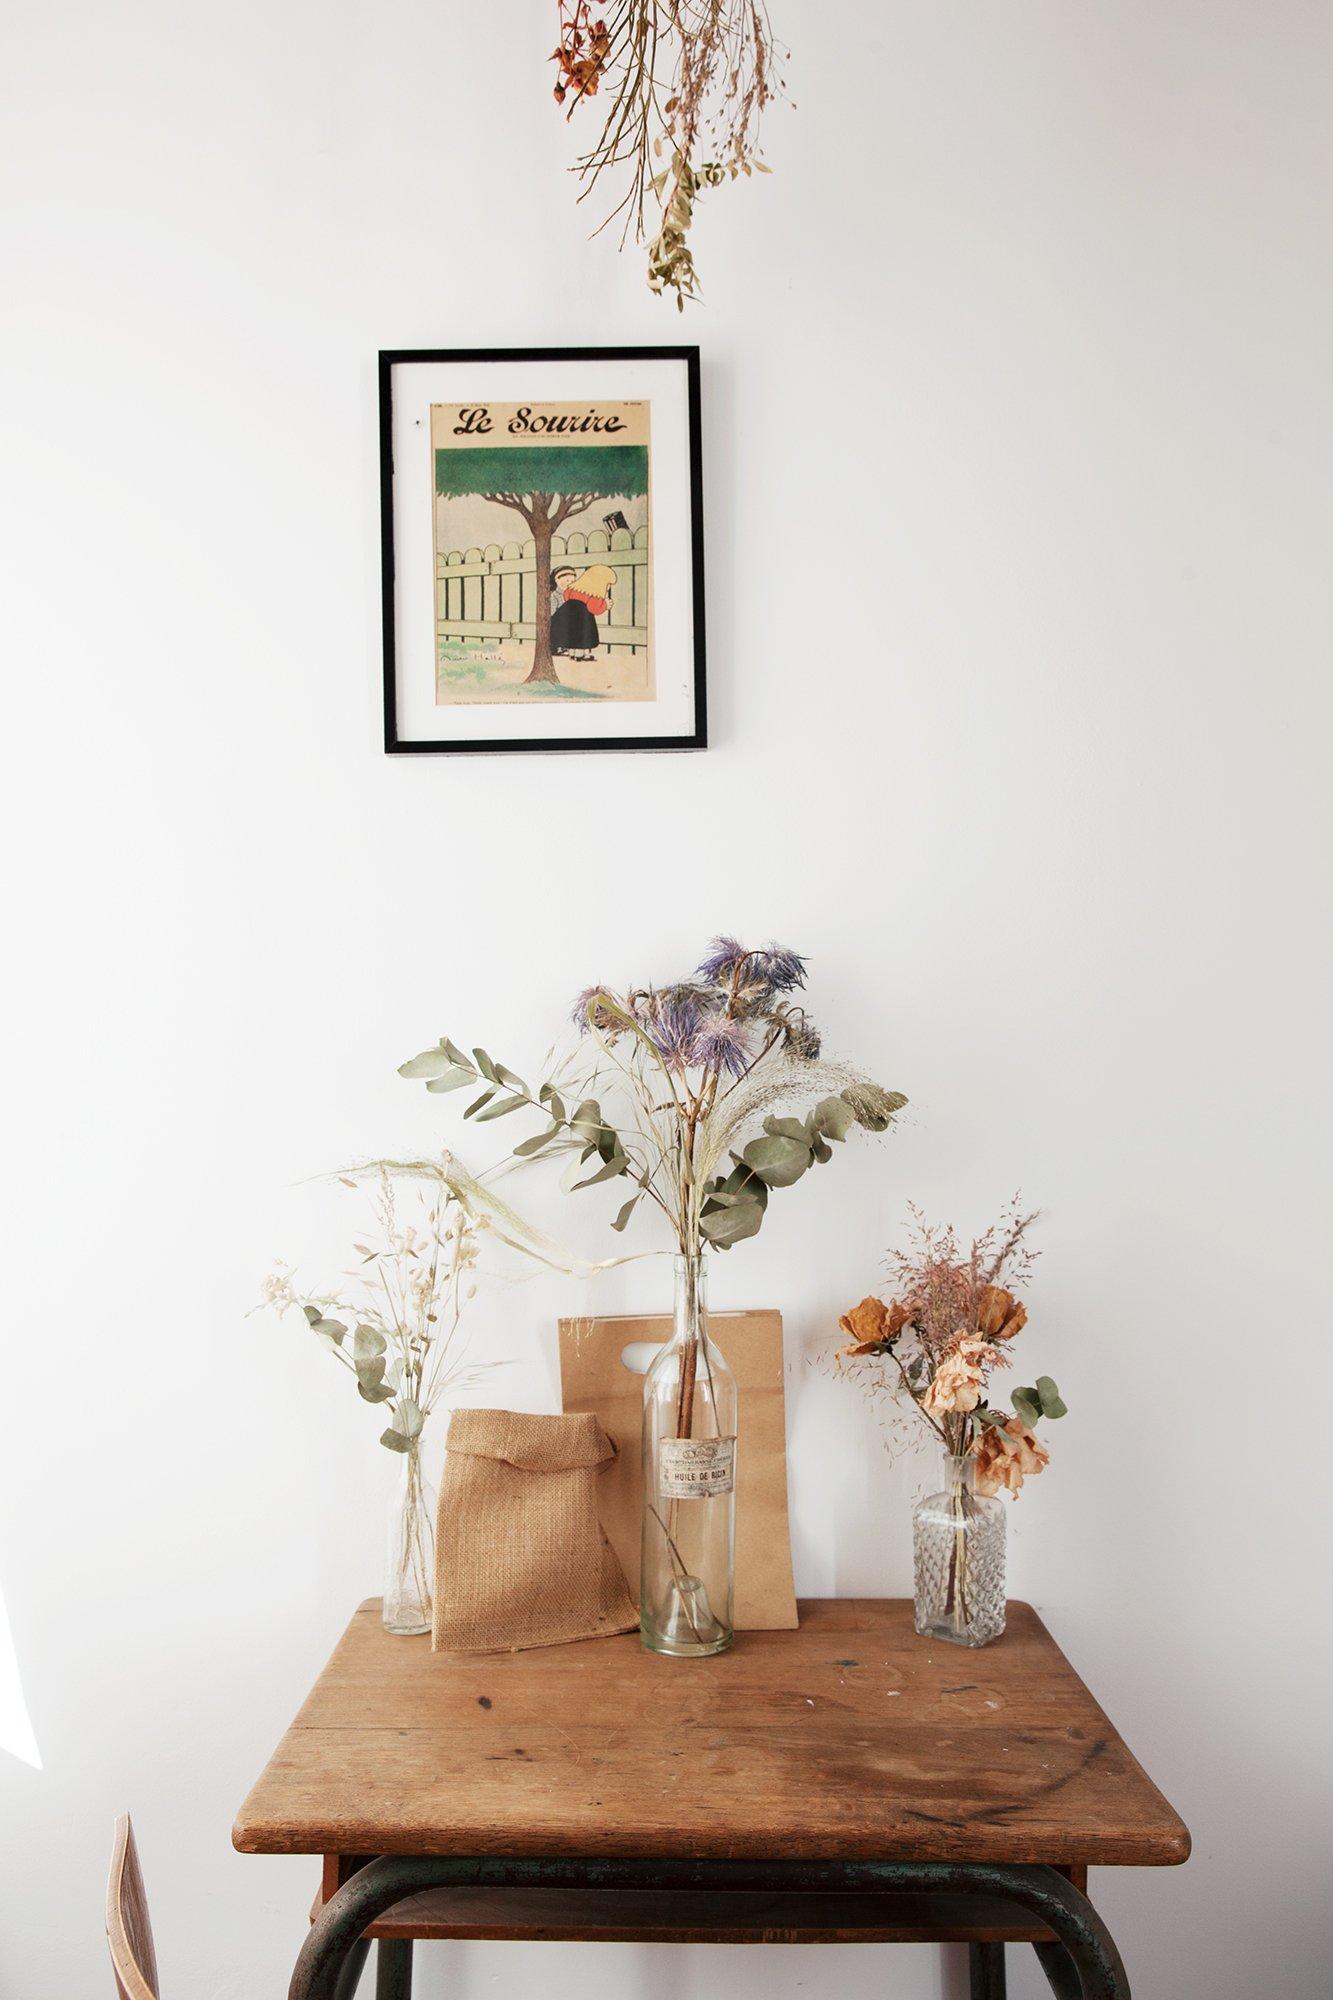 Populaire Jeanne Paris, renouveler le goût des fleurs - The Socialite Family PA73